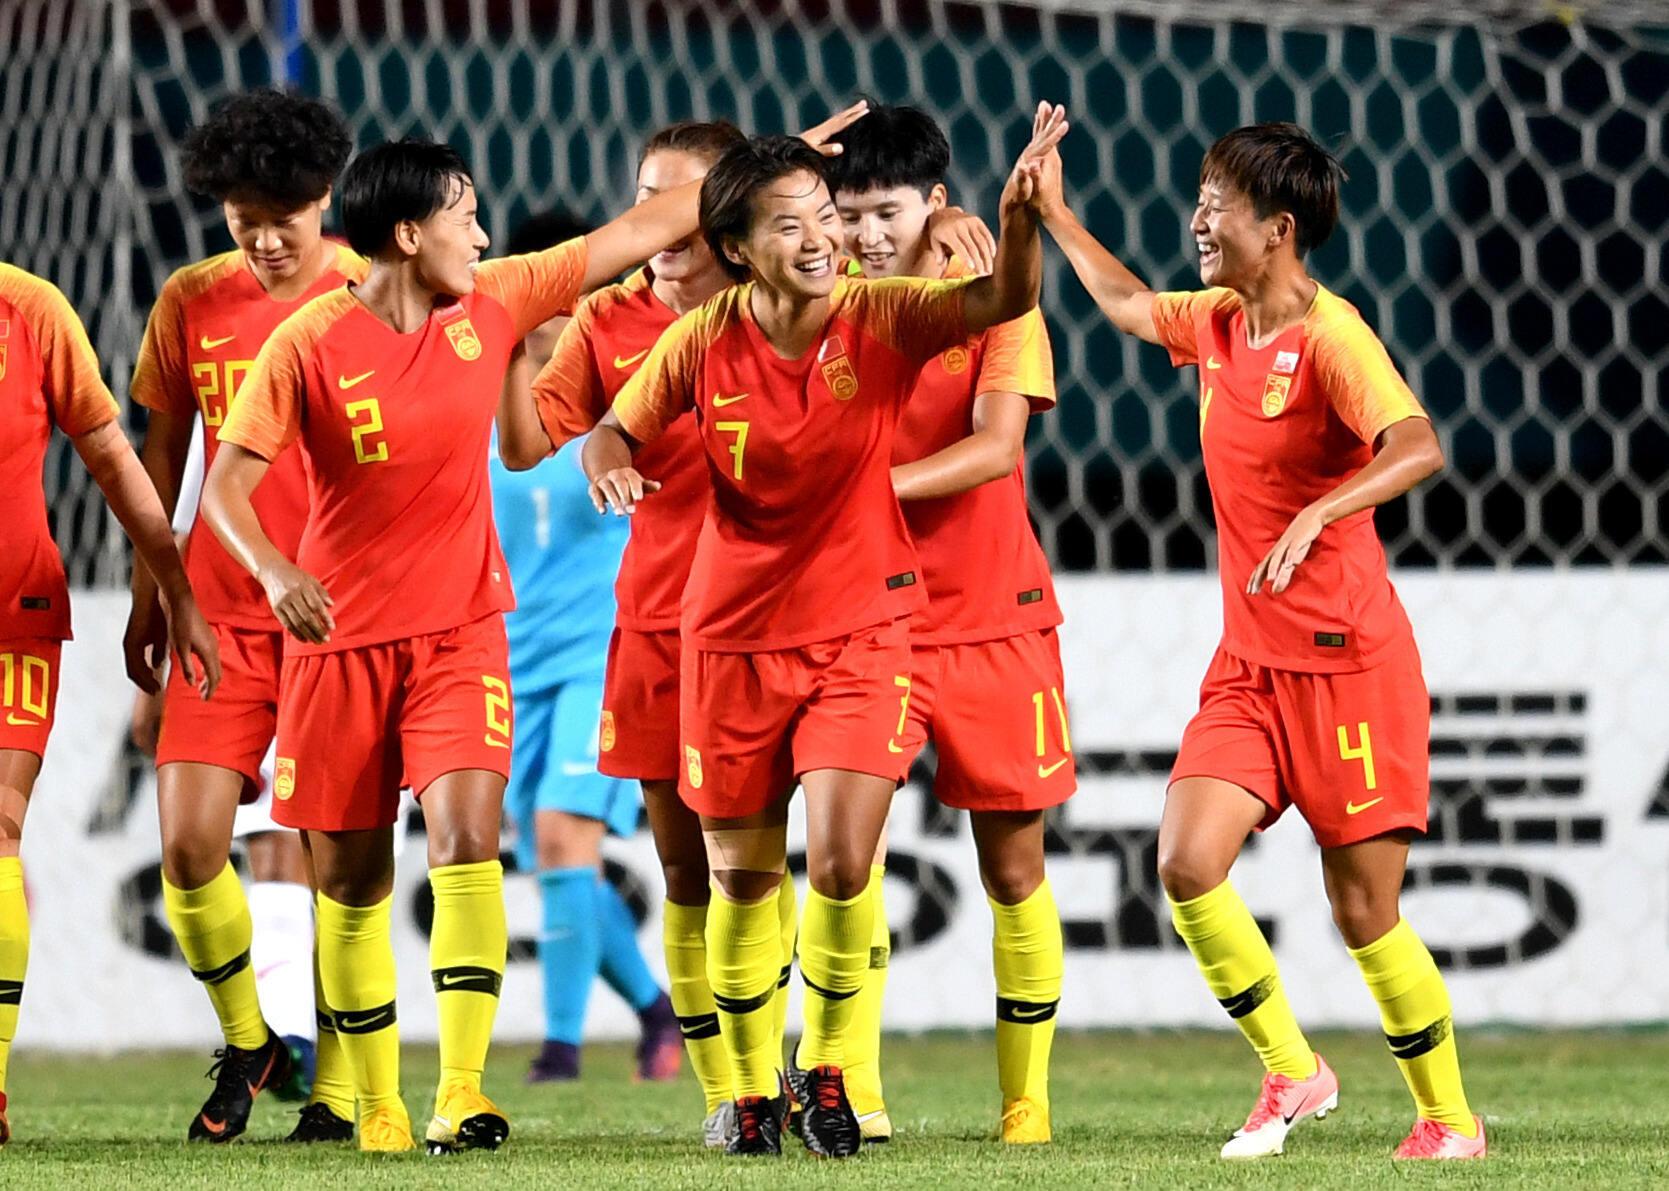 2019年法国女足世界杯 中国等15支球队已入决赛圈